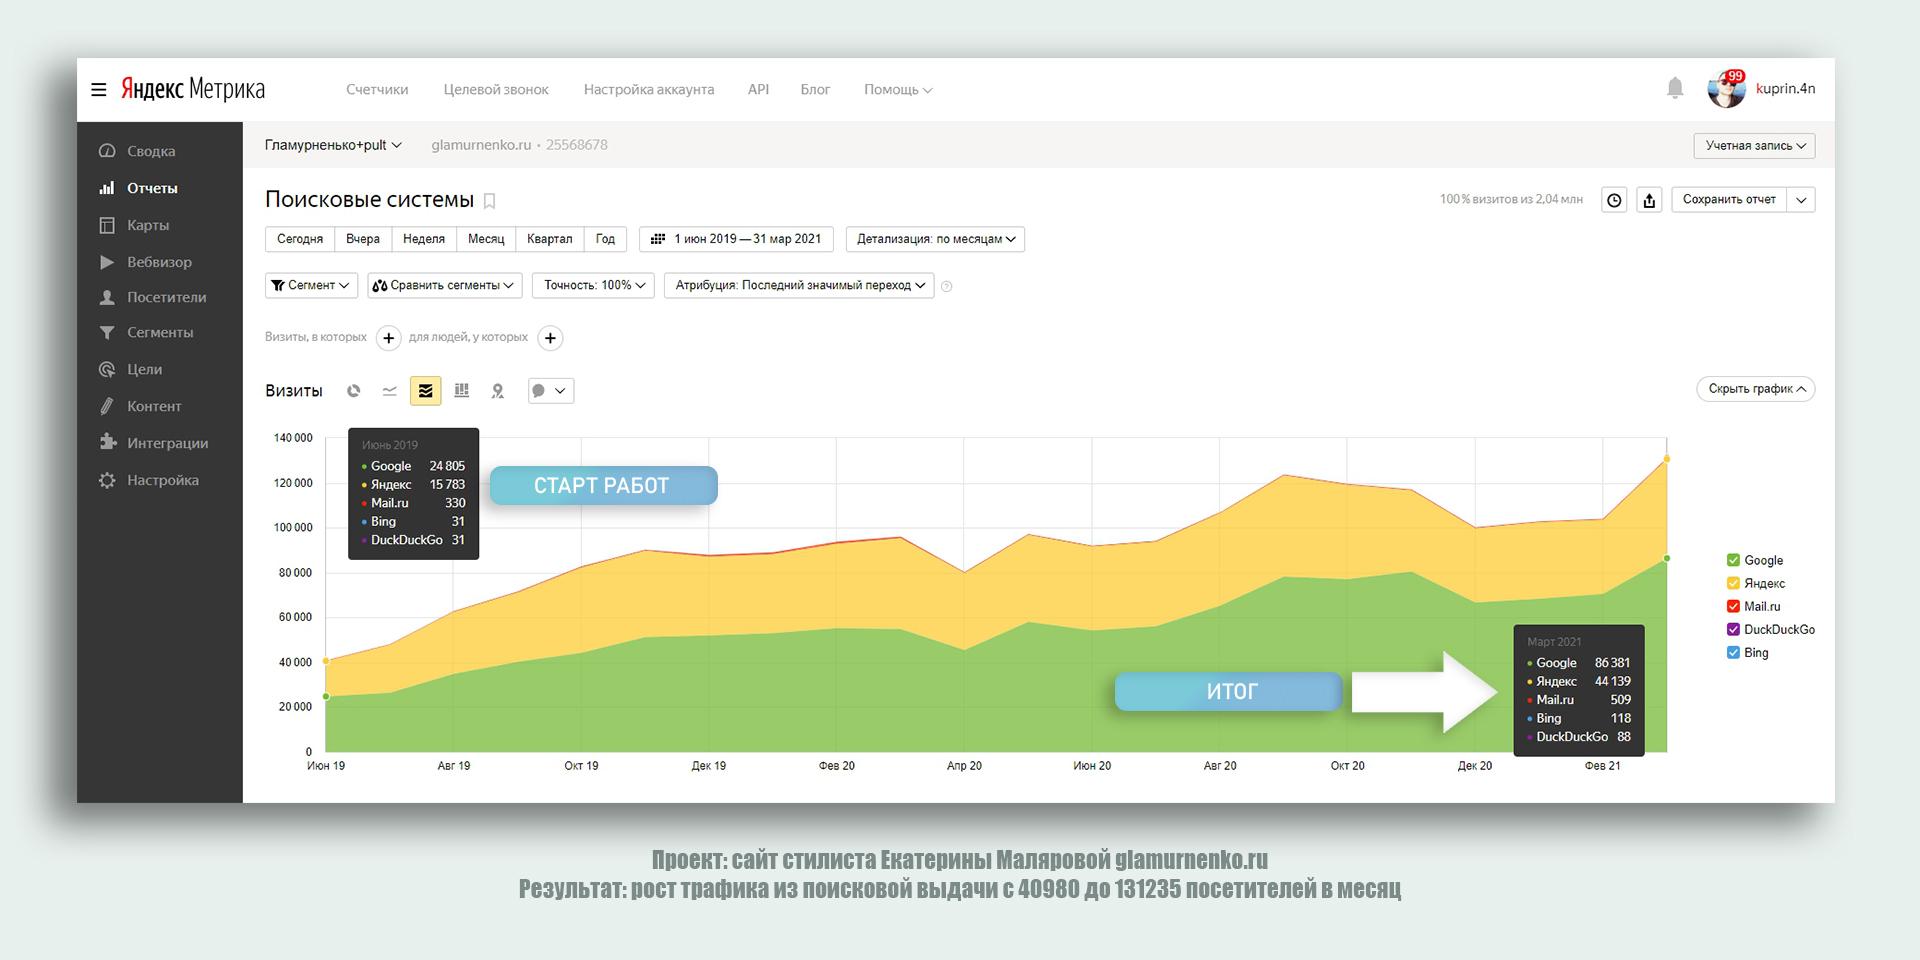 Рост трафика до 131235 посетителей в месяц